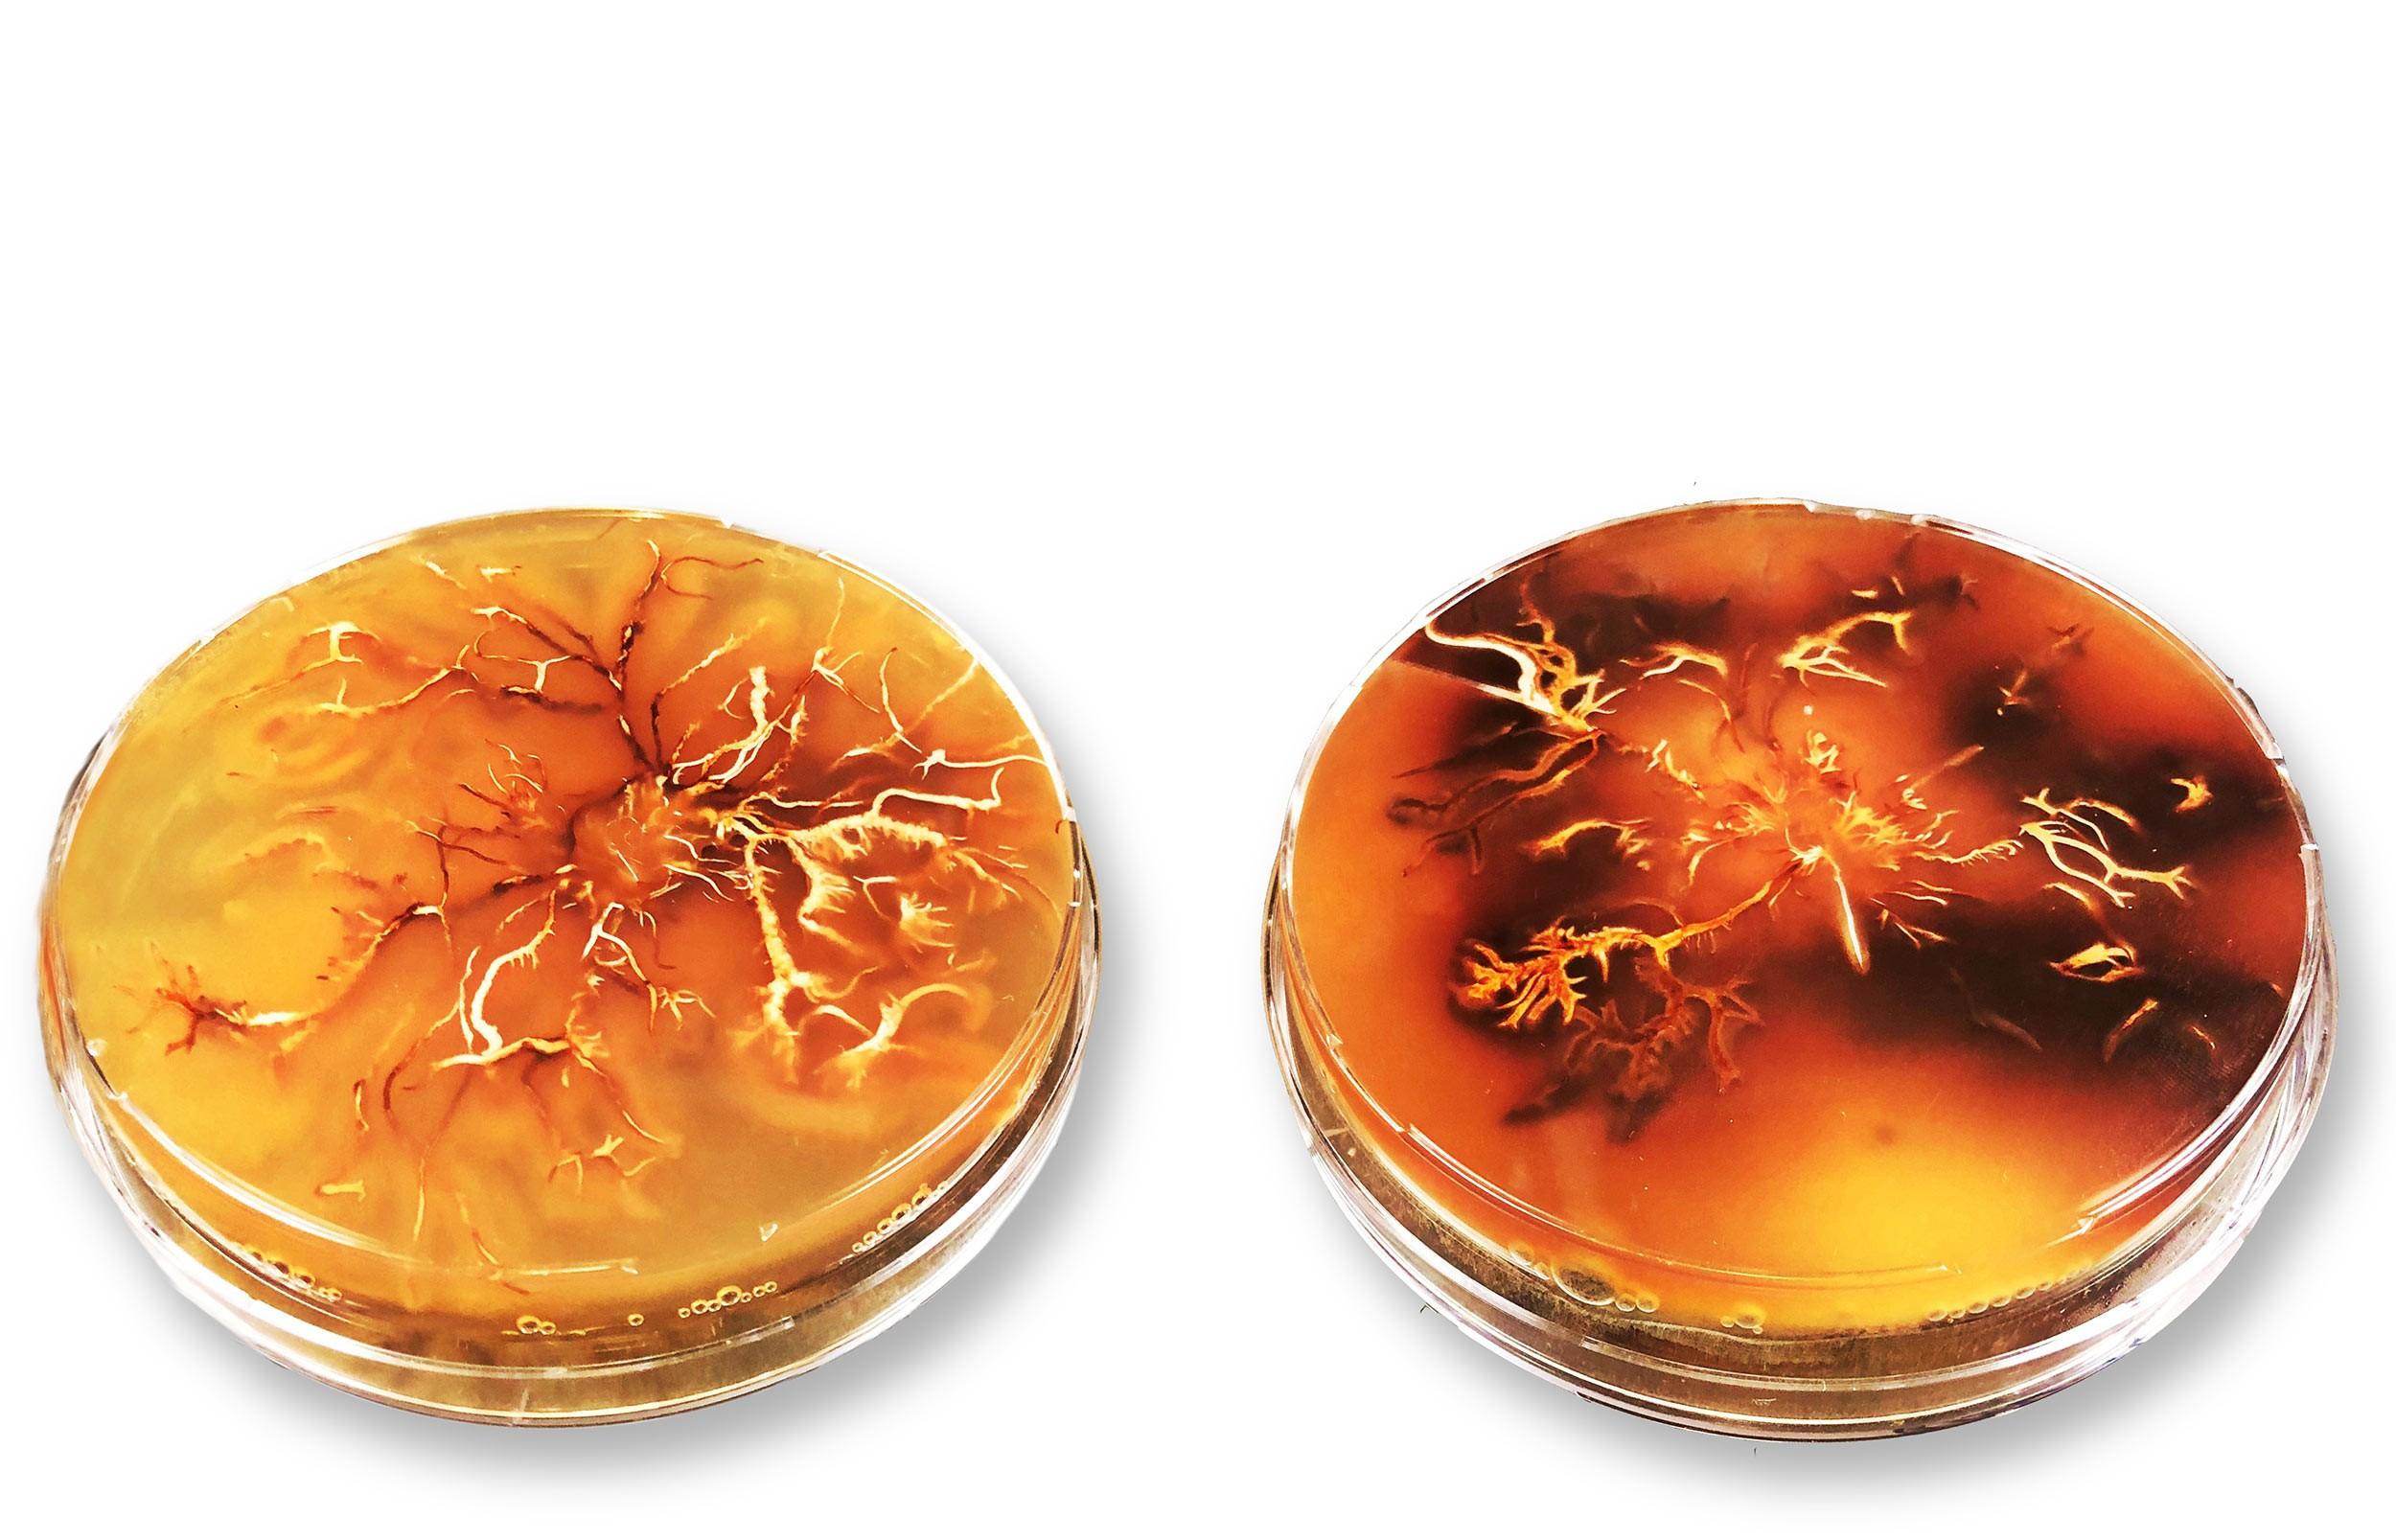 Pilzkultur von Armillaria cepistipes in der Petrischale.